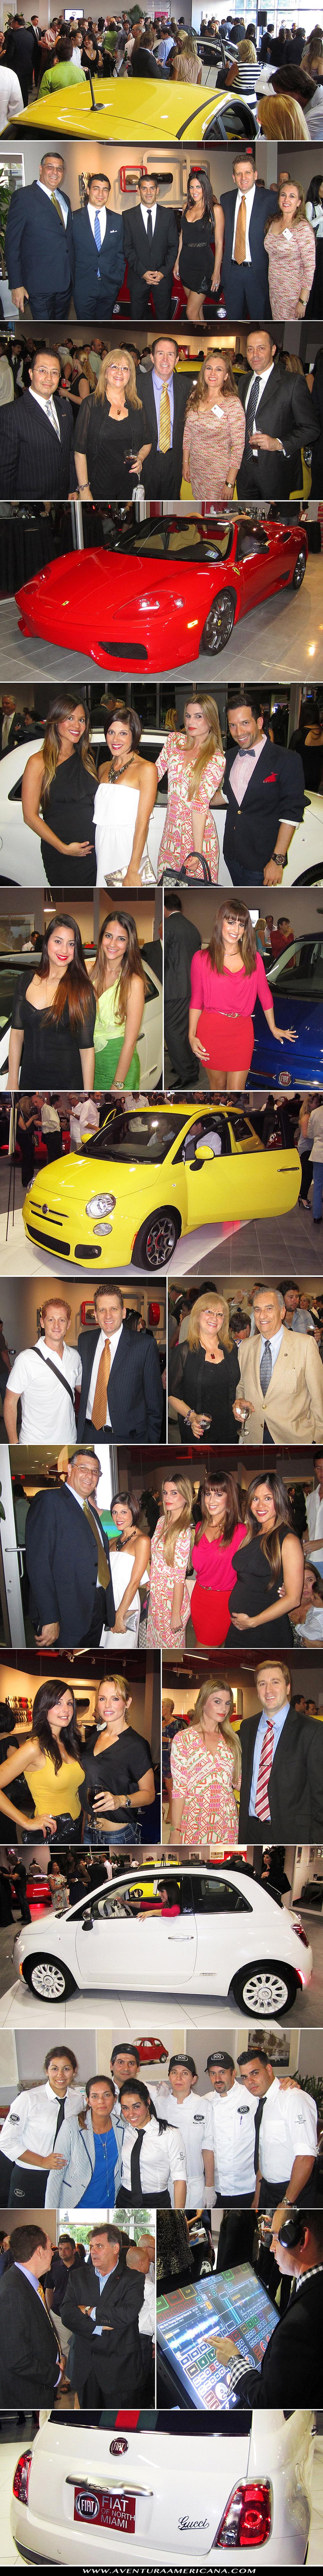 FIAT North Miami 02